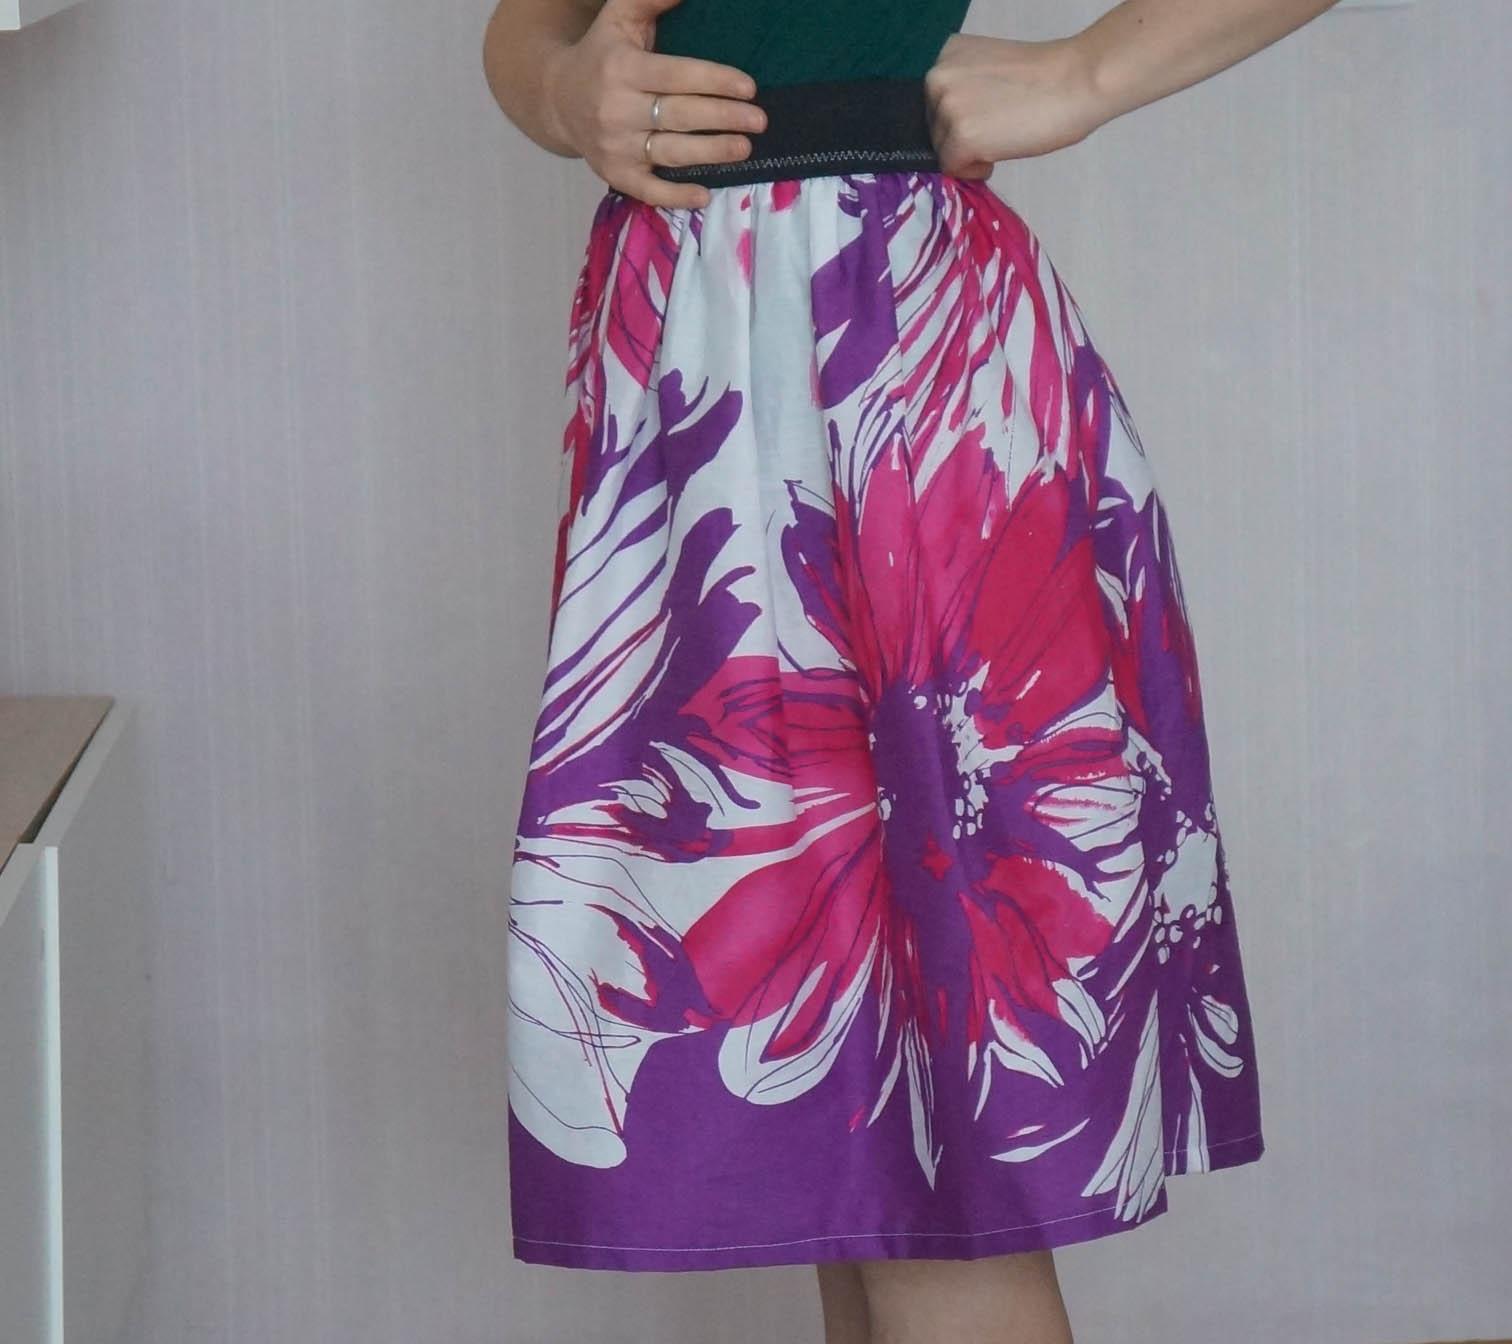 Сшить юбку своими руками просто и быстро